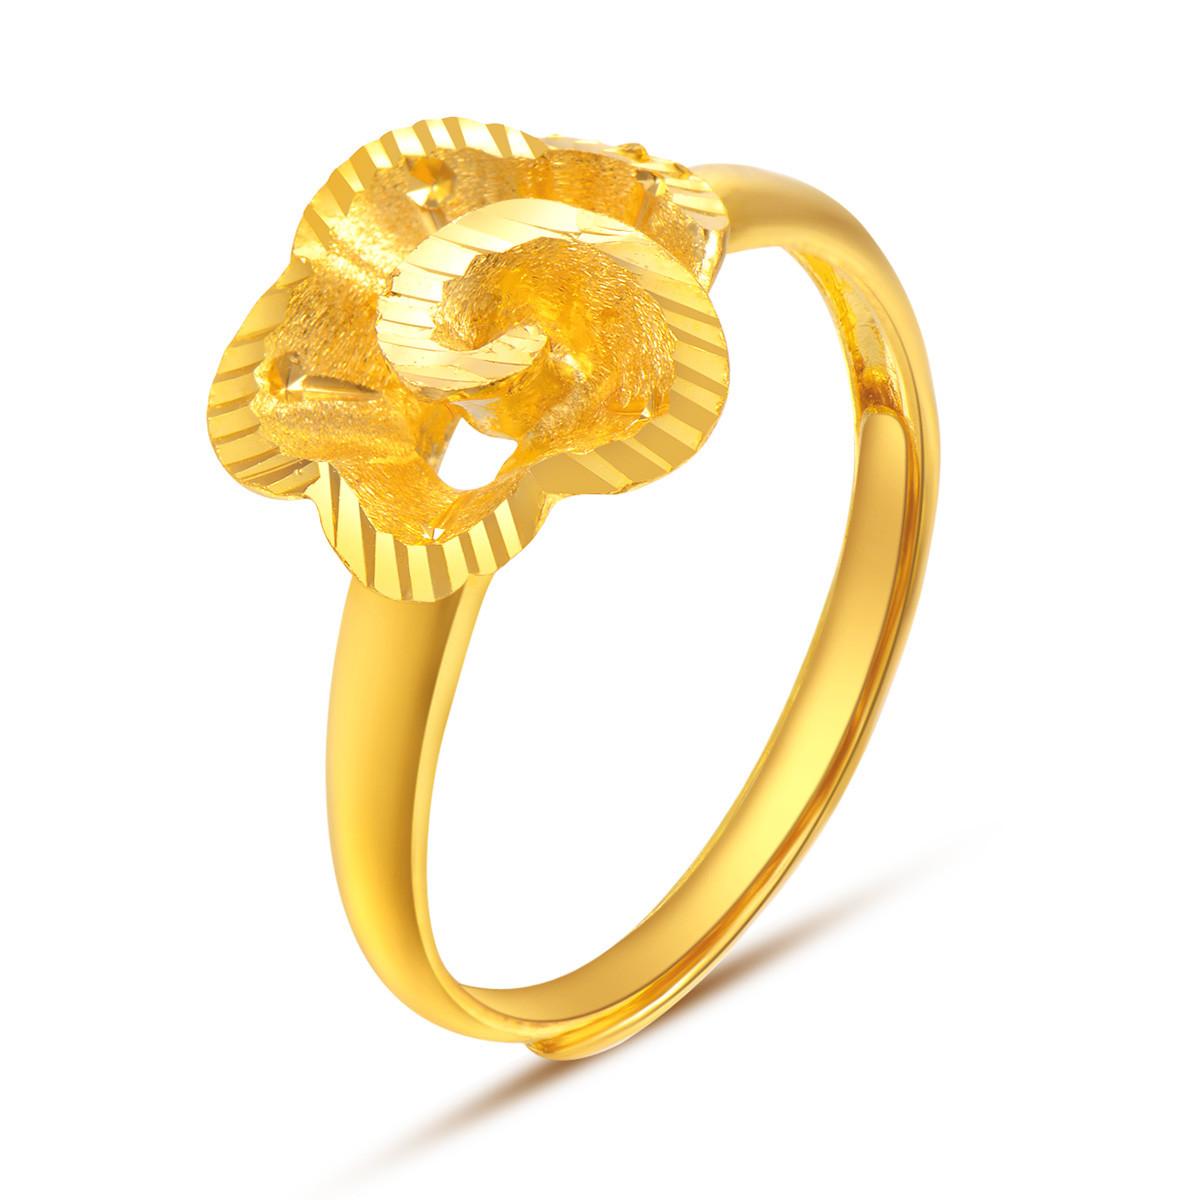 中国黄金足金黄金戒指玫瑰花车花戒指足金戒指黄金指环计价ZGHJJZ2337